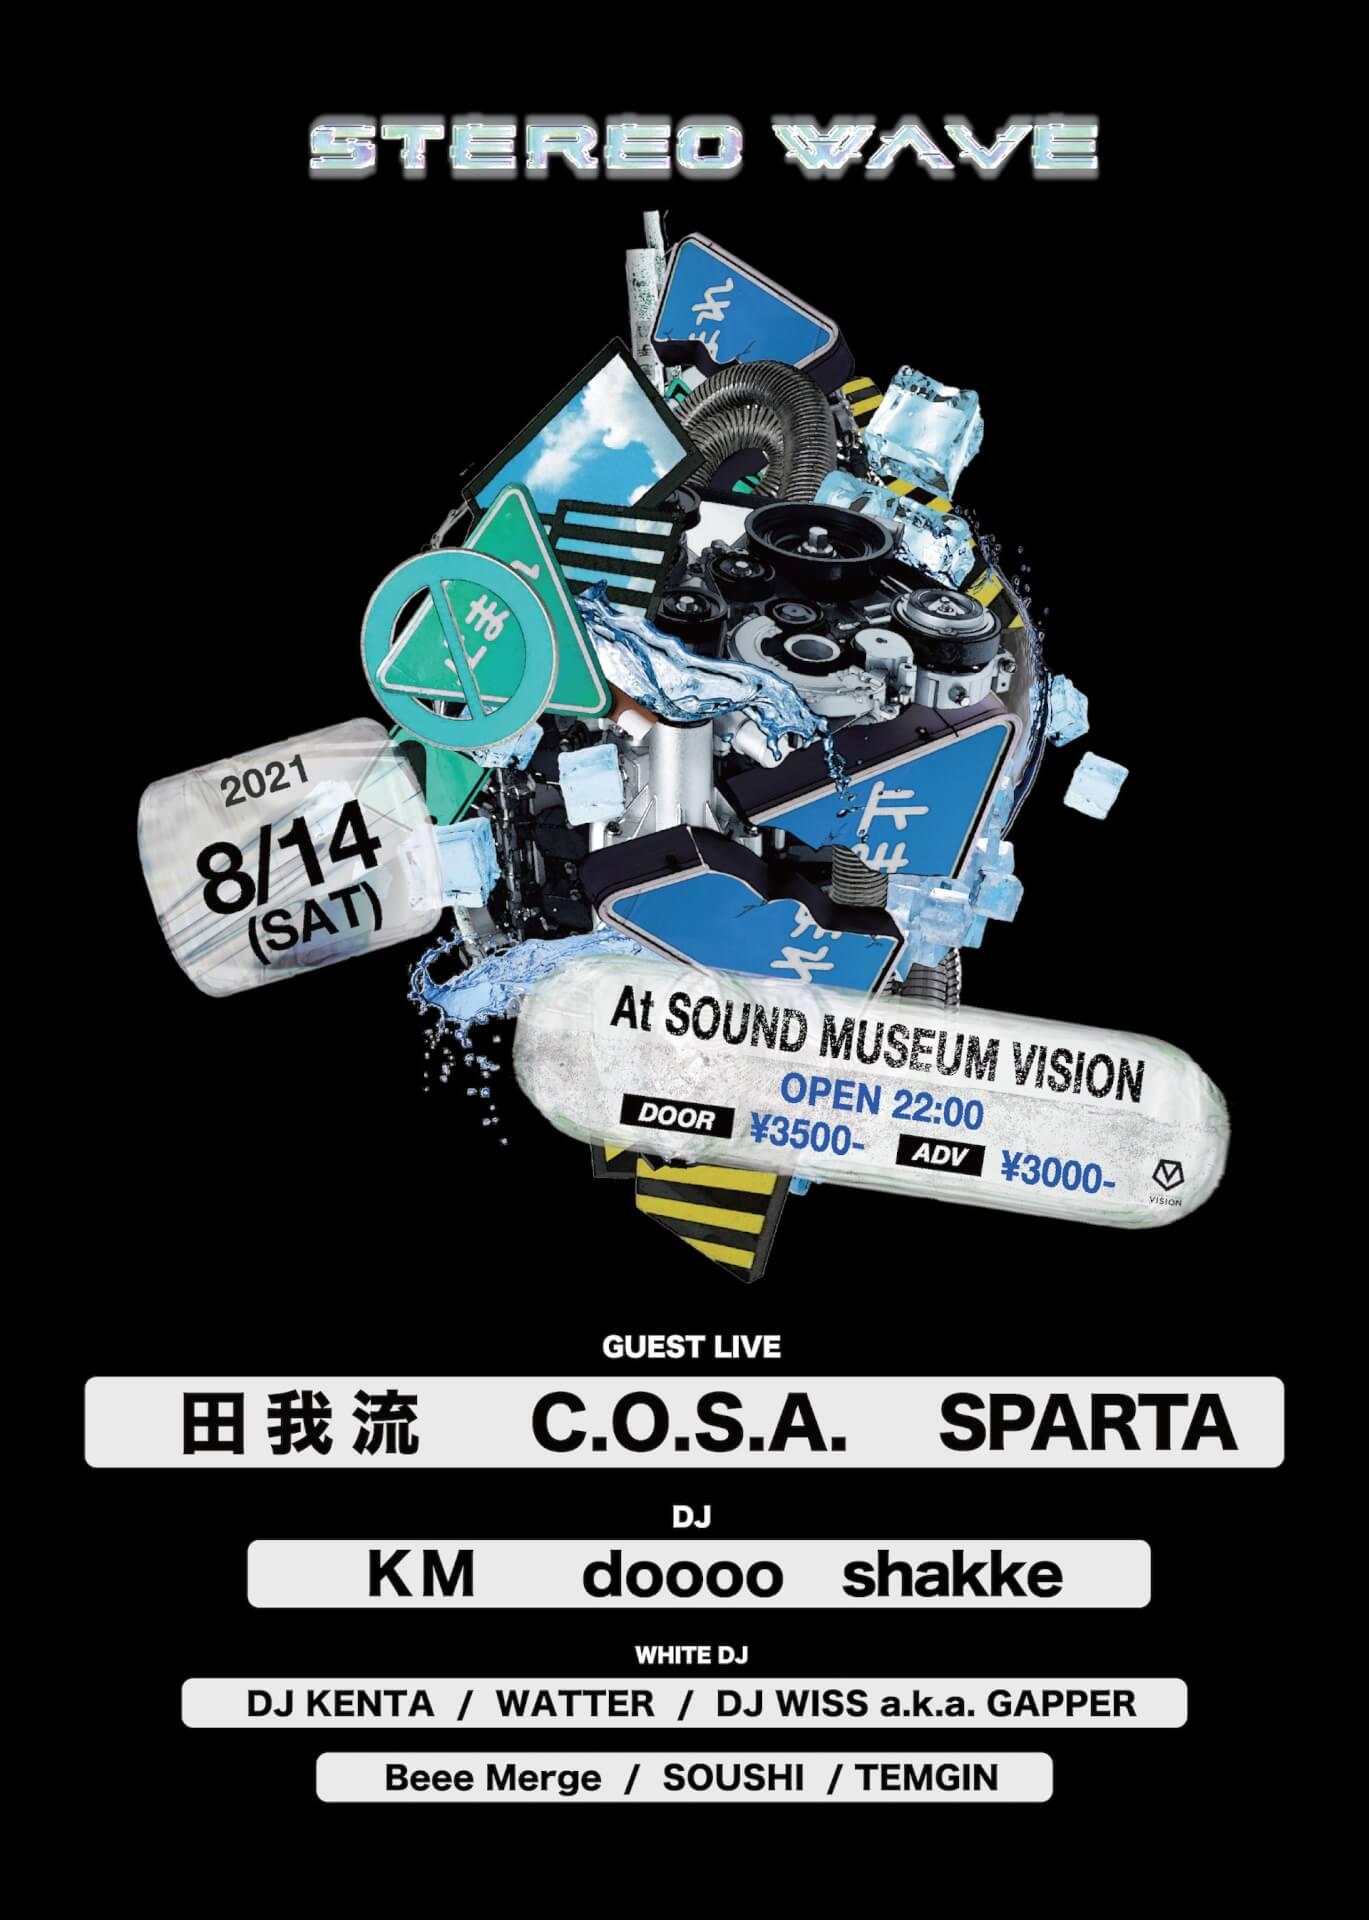 ストリートなイベント【東京】STEREO WAVE KMとdooooが企画/レジデントを務めるDOPEなHIPHOPパーティーが開催決定!